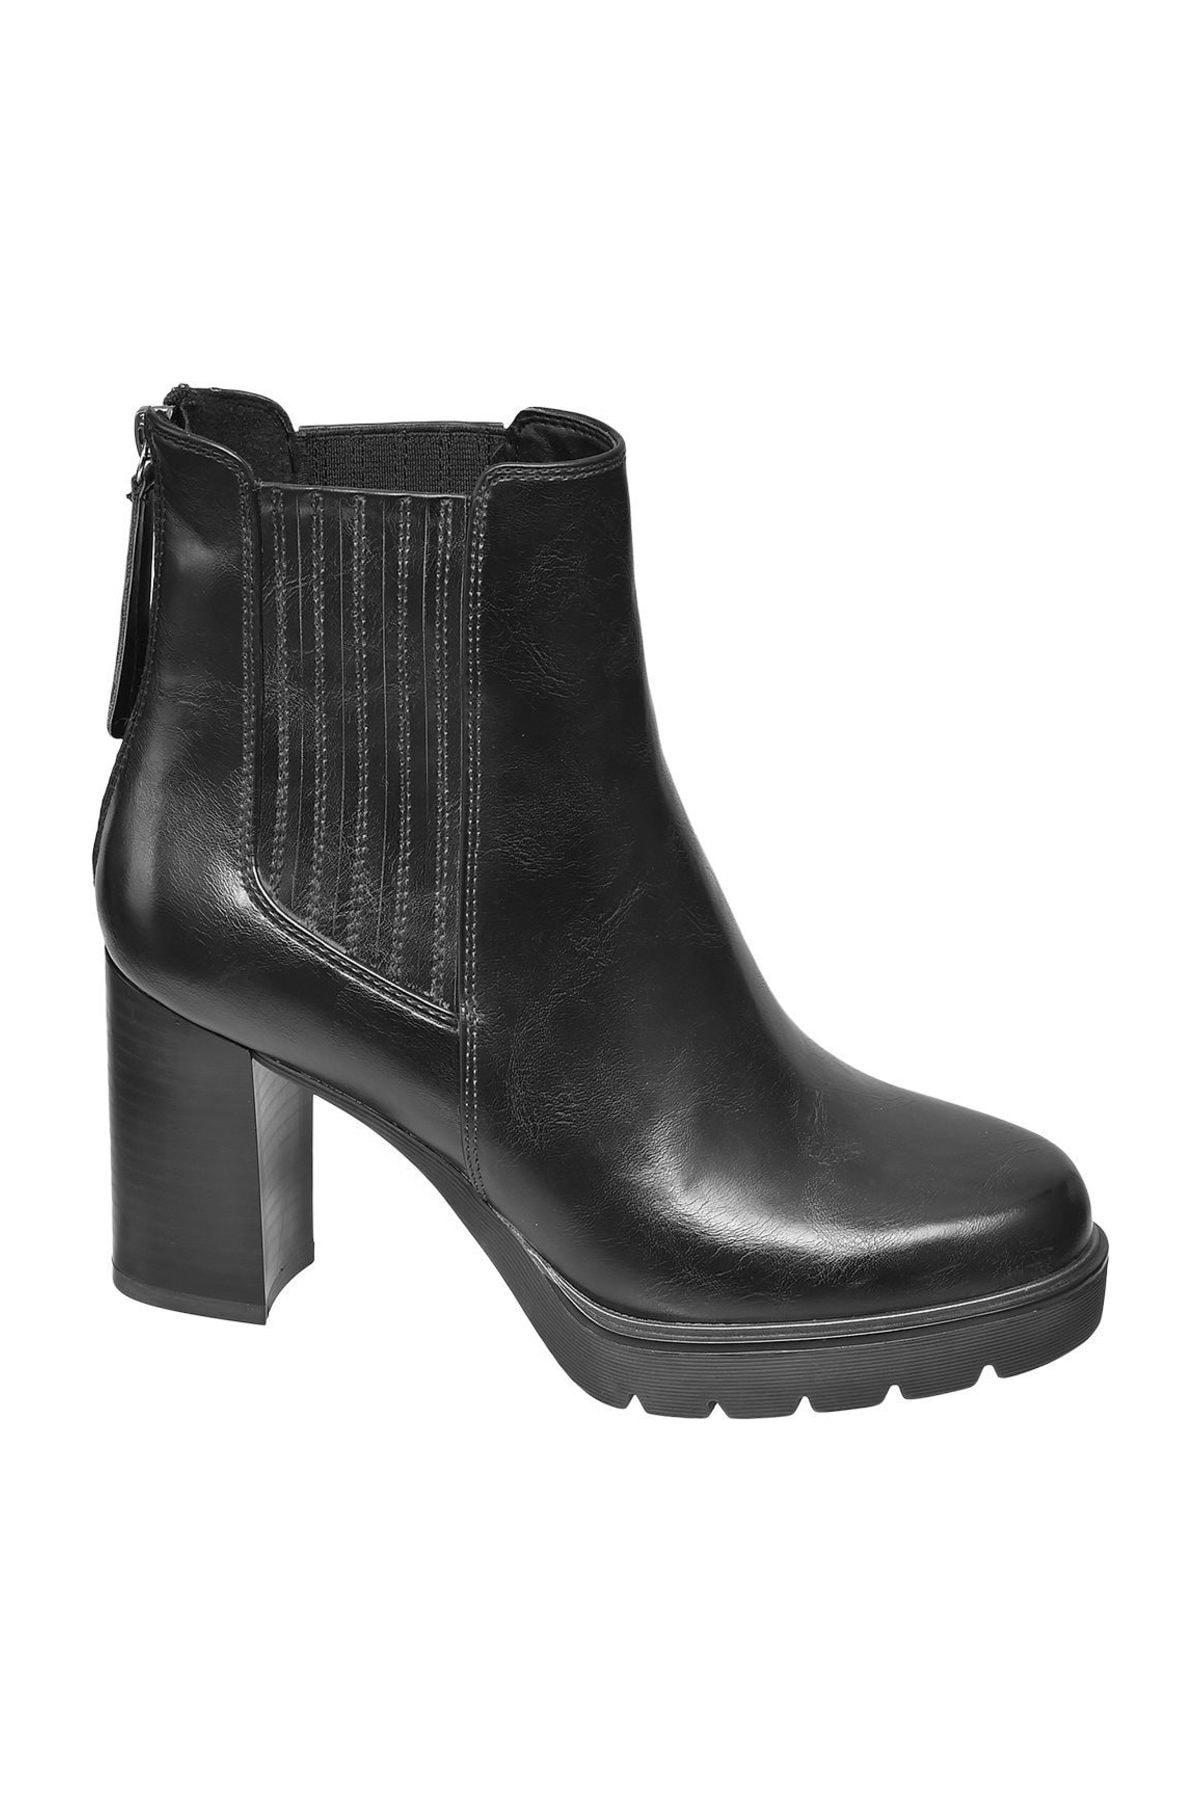 Deichmann Siyah Kadın Ayakkabı